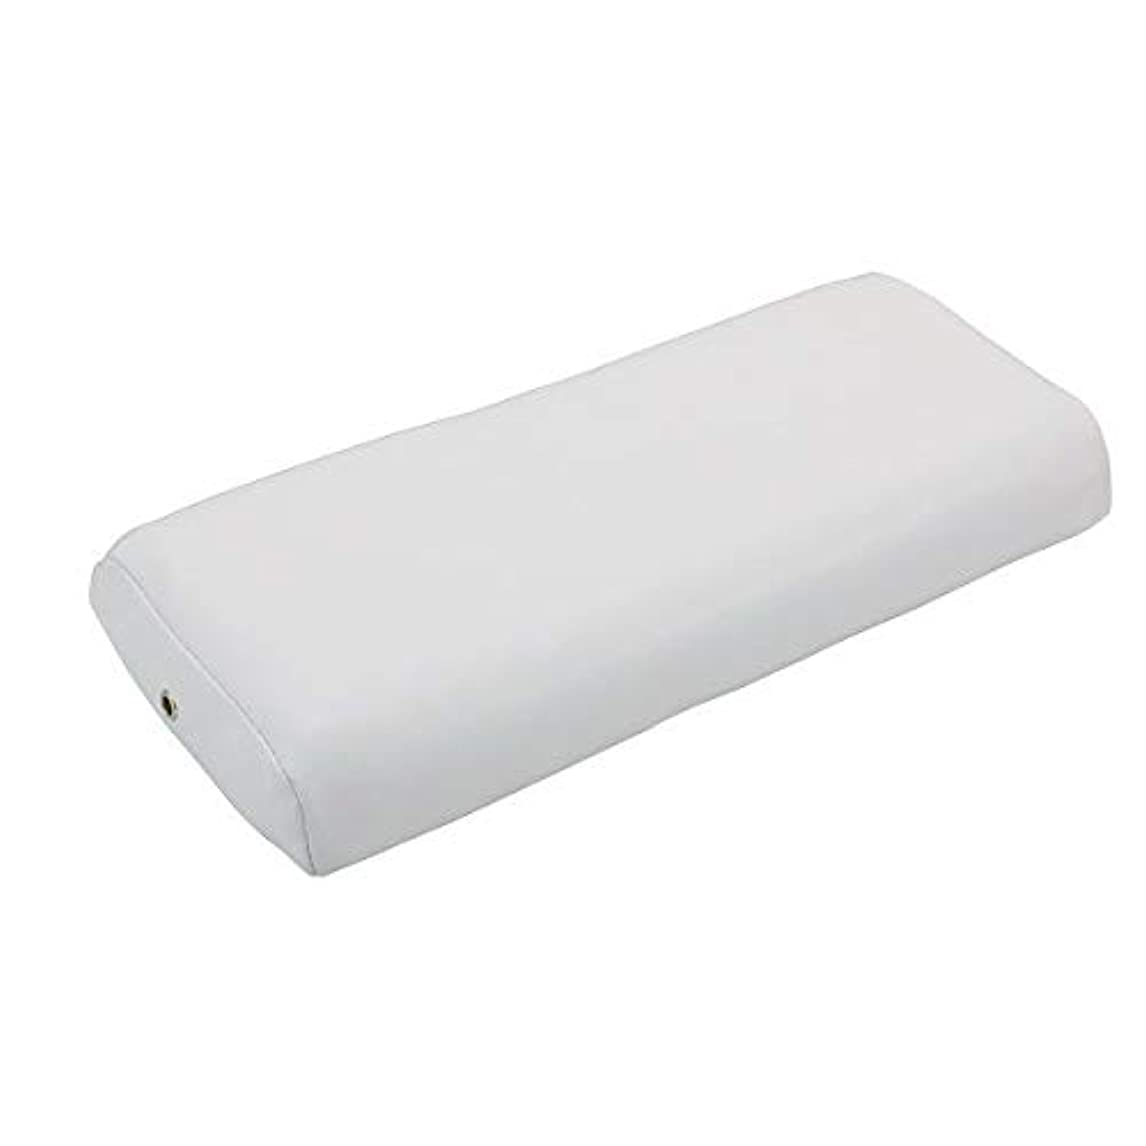 NEOかどまる枕 FV-921 【 ホワイト 】 フェイスまくら フェイス枕 うつぶせ枕 マッサージ枕